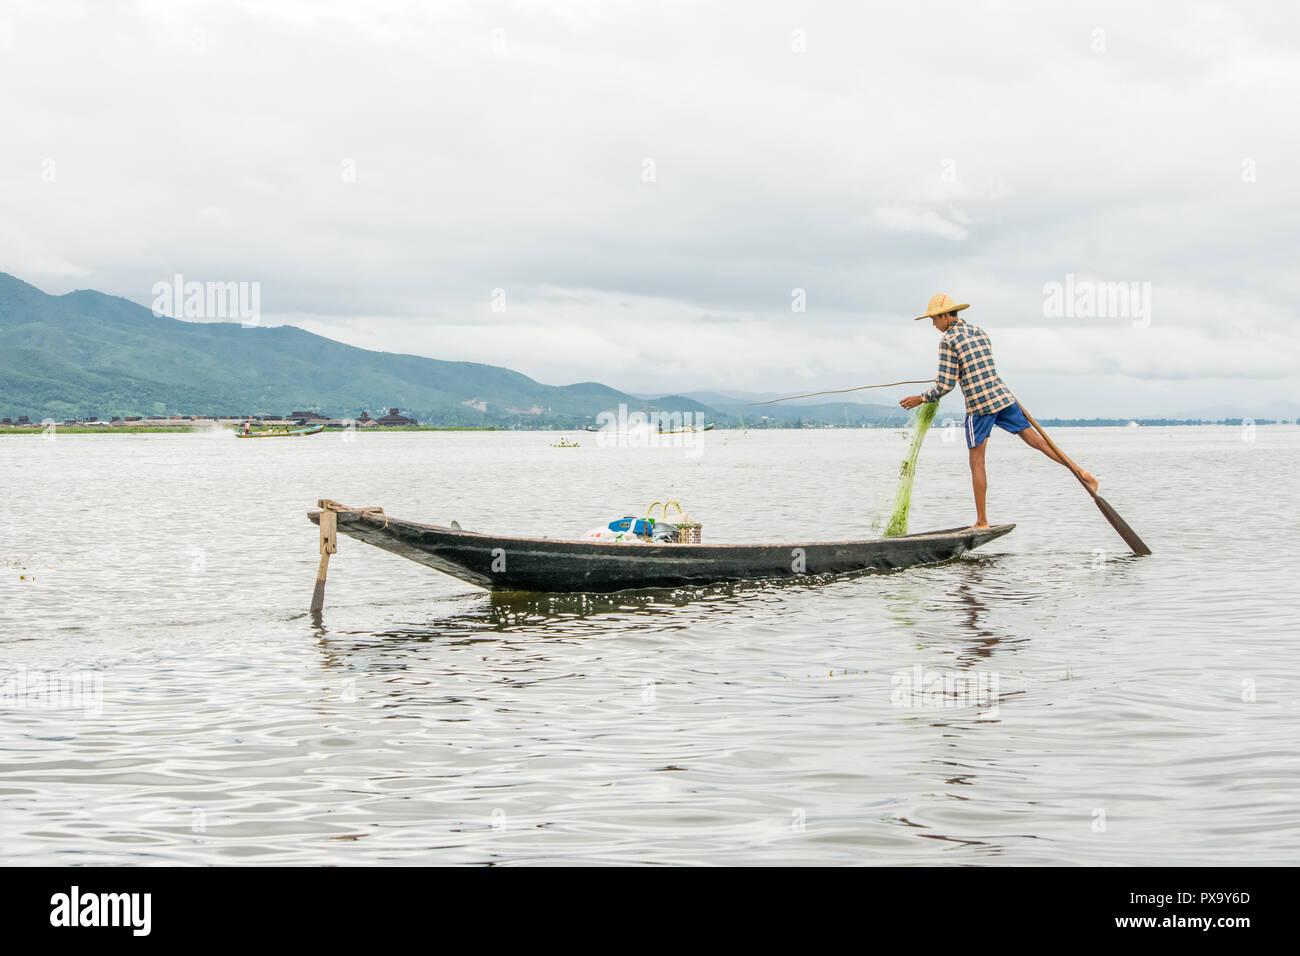 Transport local Les jeunes hommes portant des pêcheurs birmans, à l'aide de bâton et net pour le poisson, en équilibre sur un pied sur le bateau, le lac Inle au Myanmar, Birmanie Banque D'Images